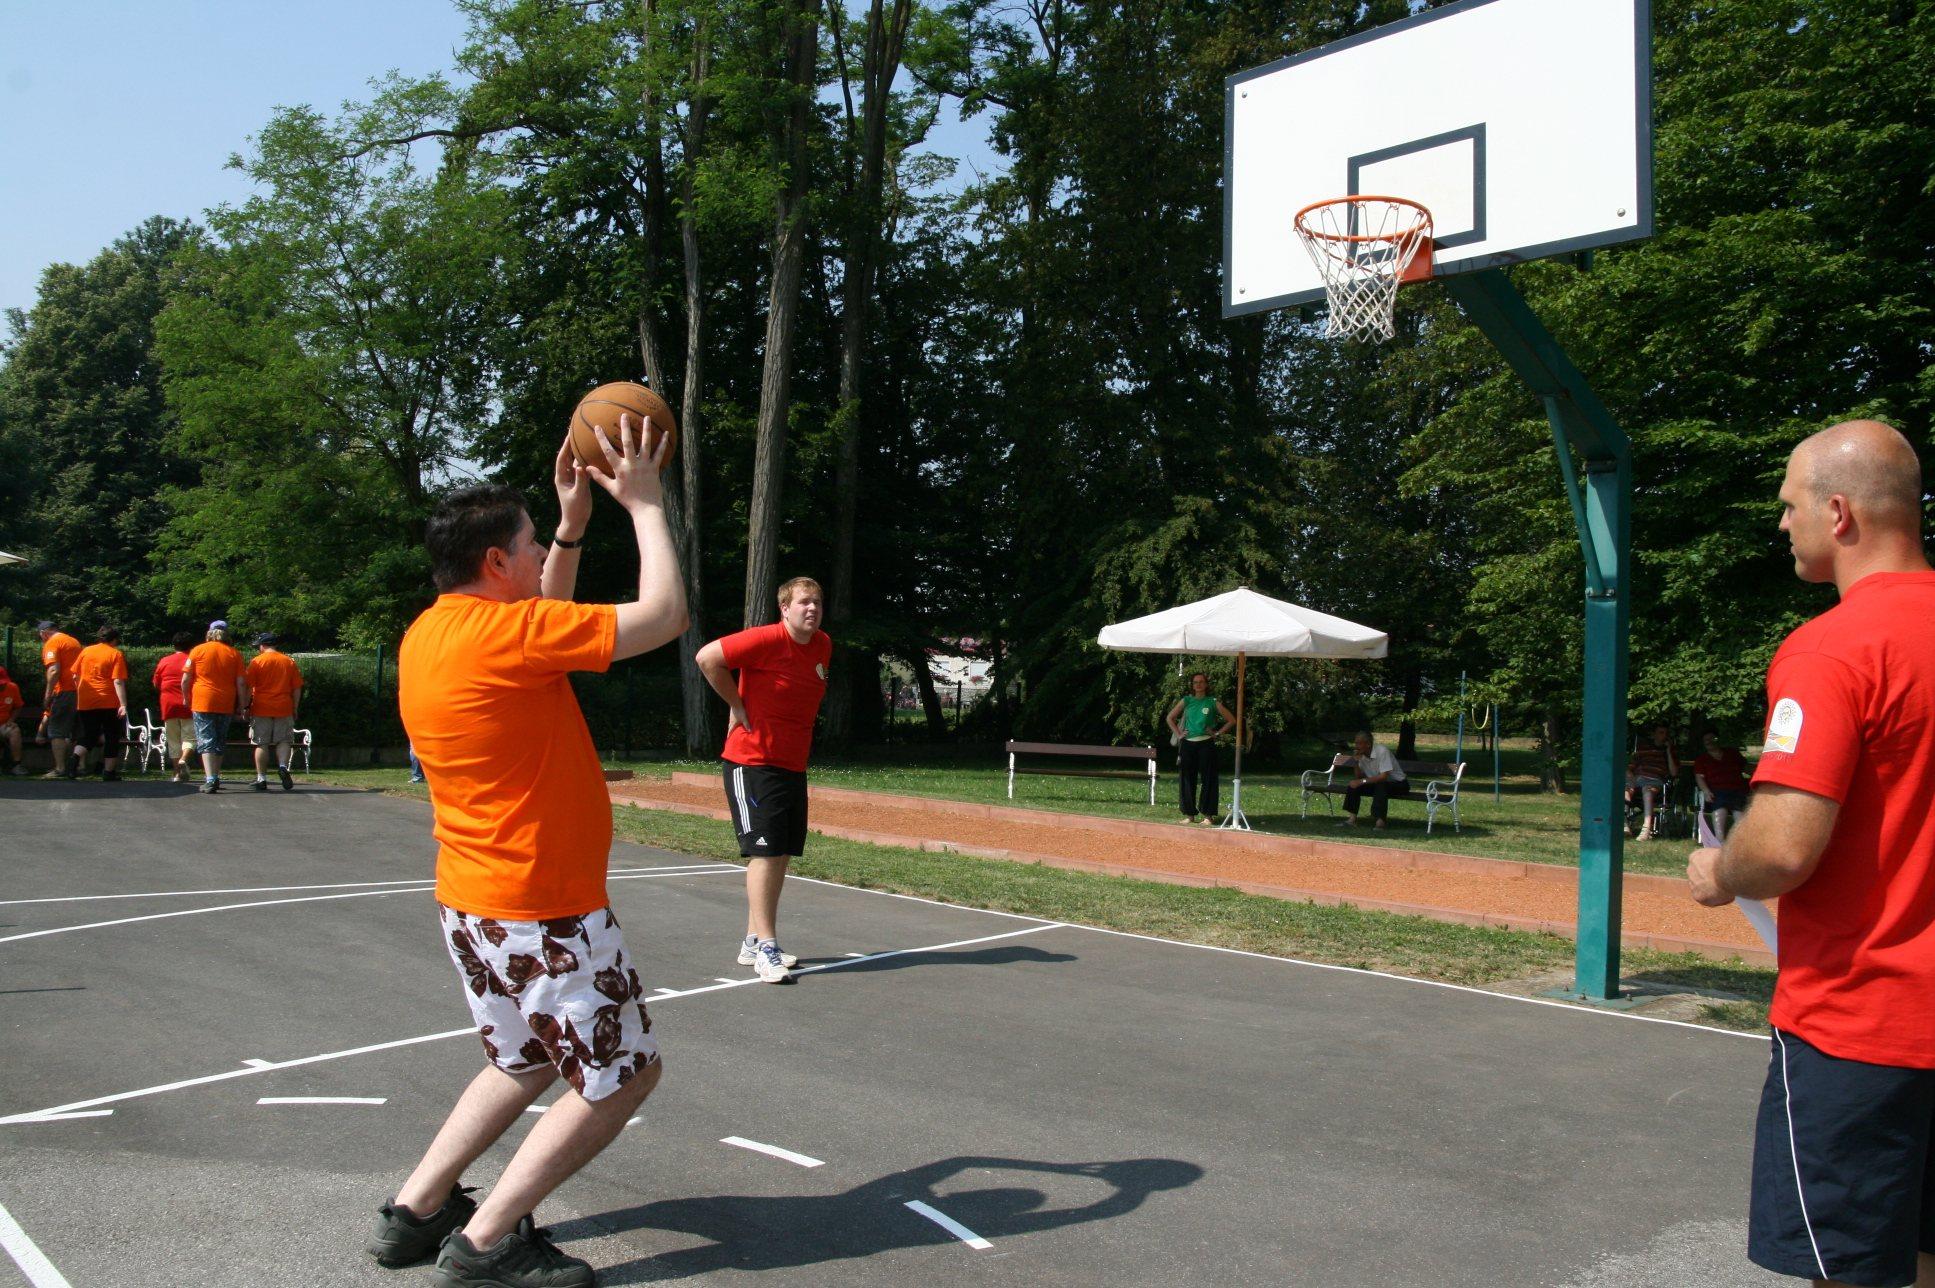 Udeleženci igre so se pomerili tudi v elementih košarke.